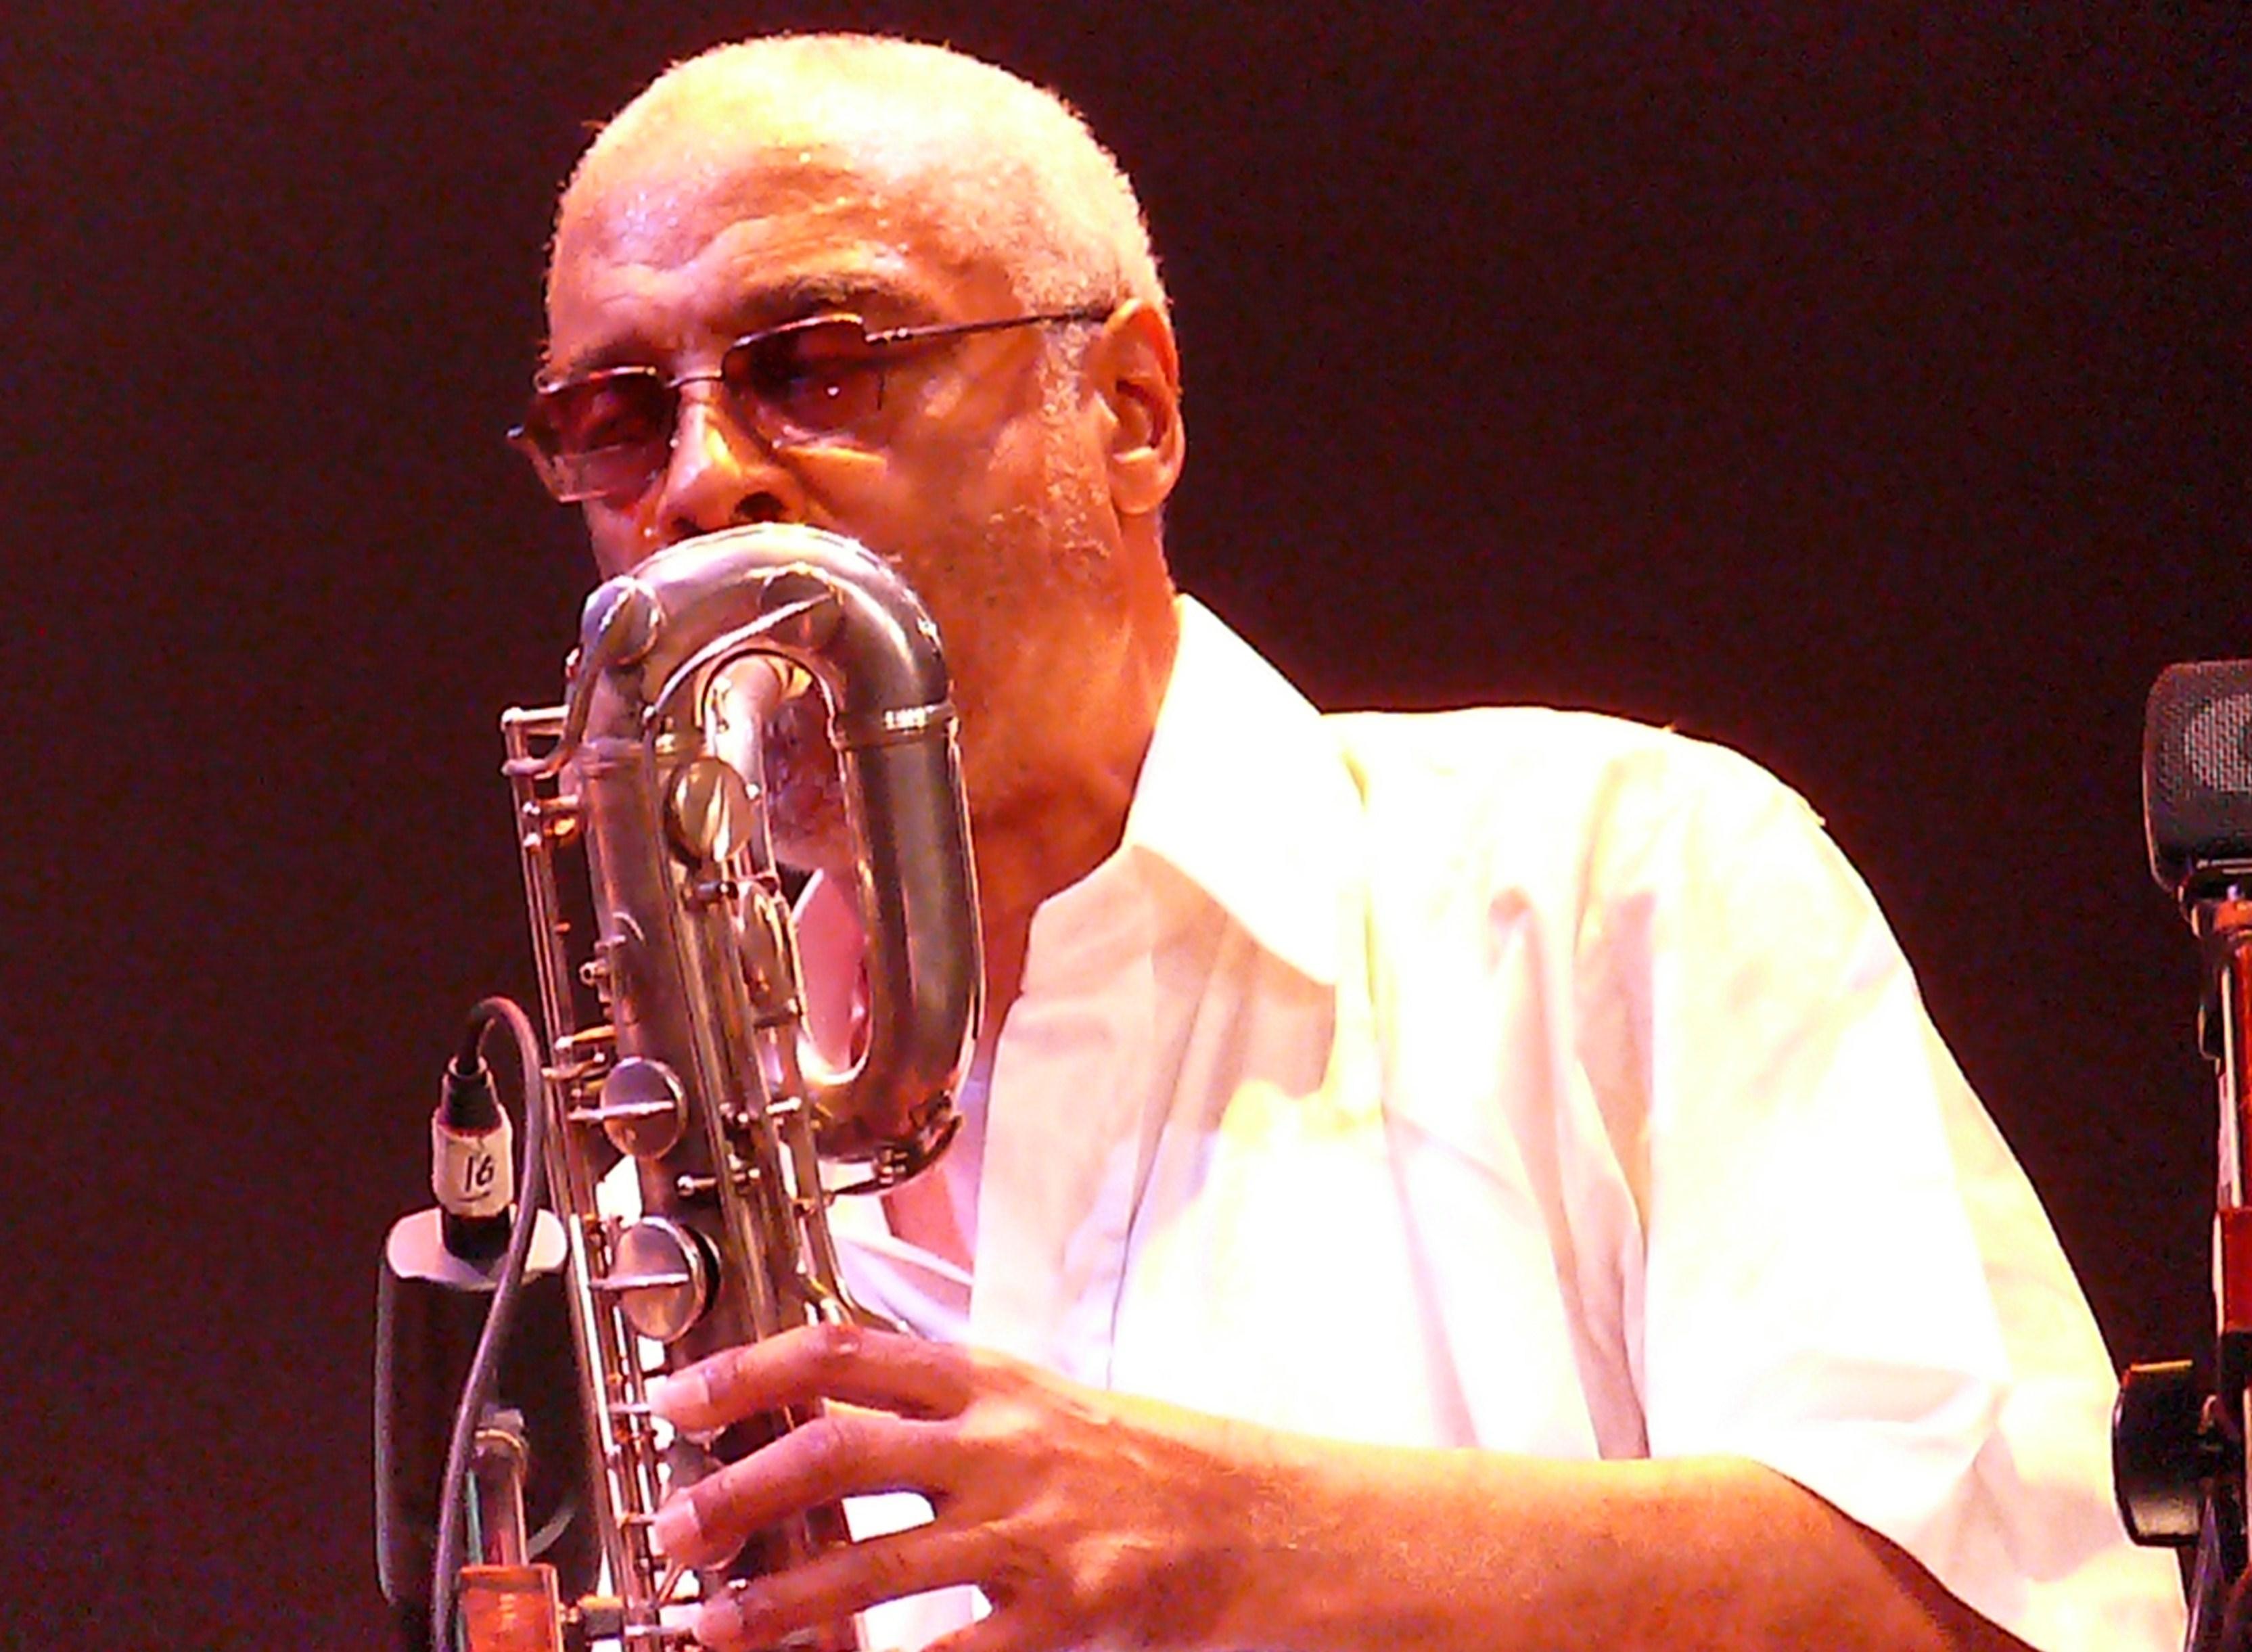 Hamiett Bluiett at Vision Festival 2011